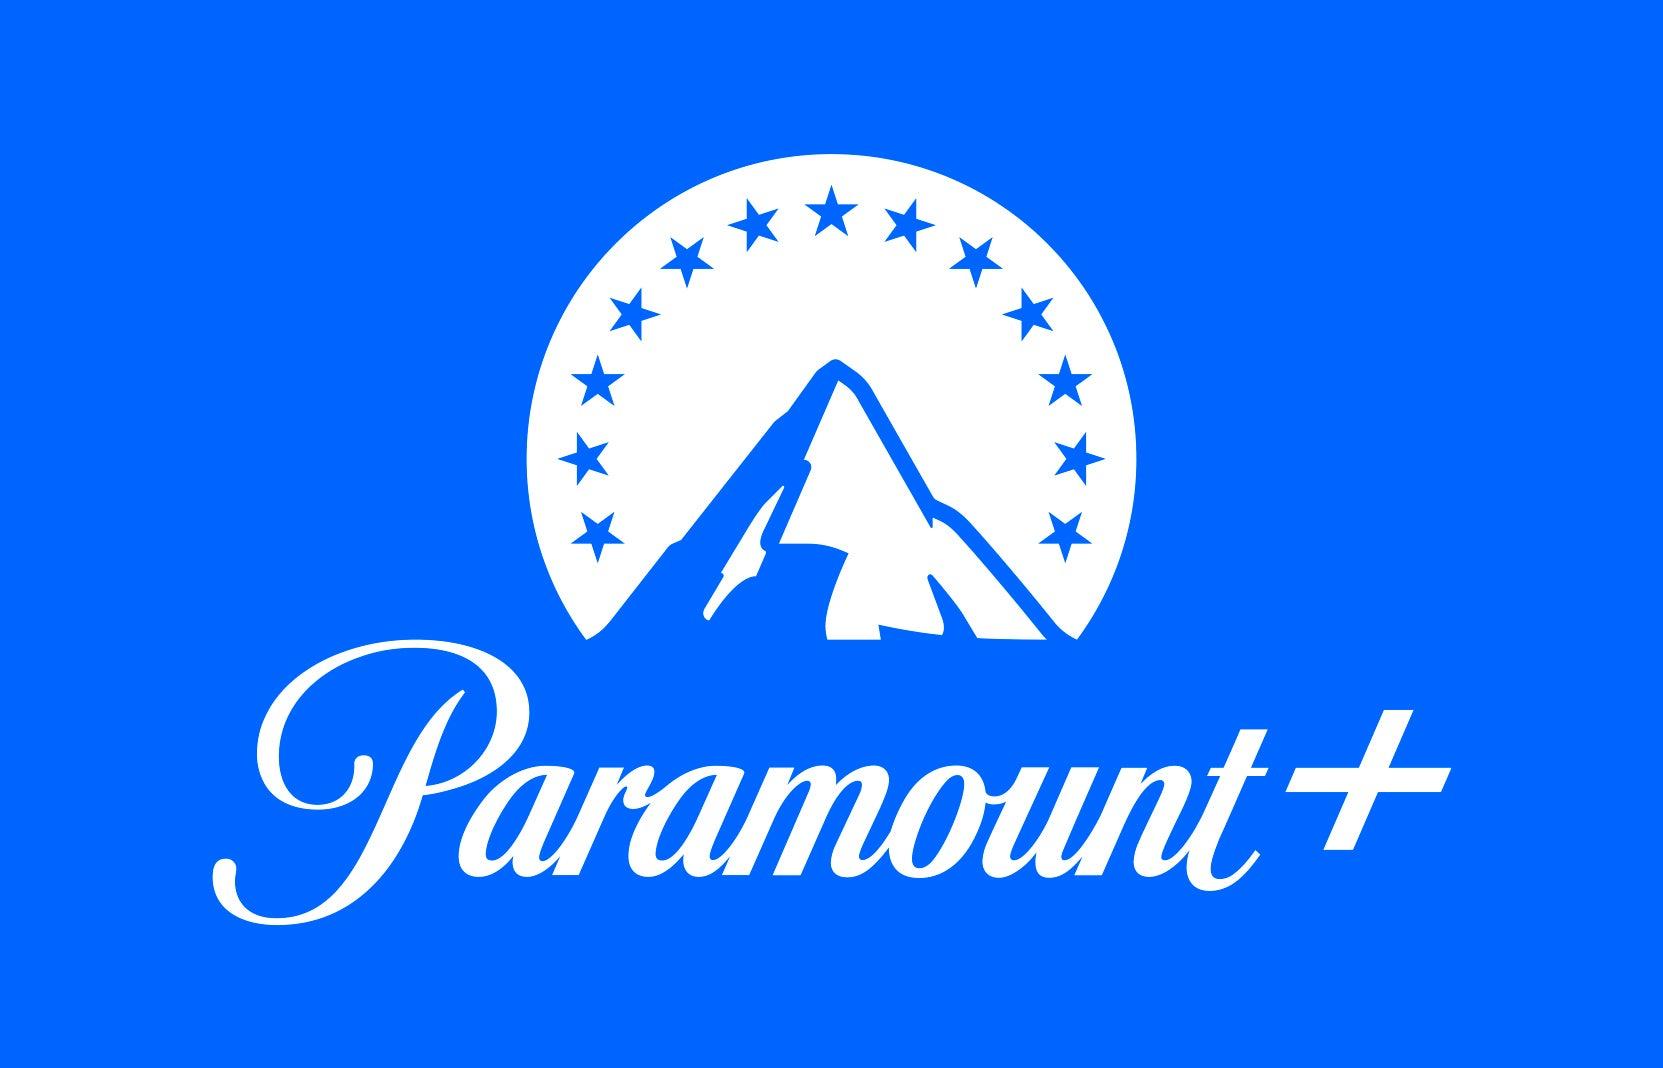 Paramount+: streaming lançará um novo filme por semana em 2022